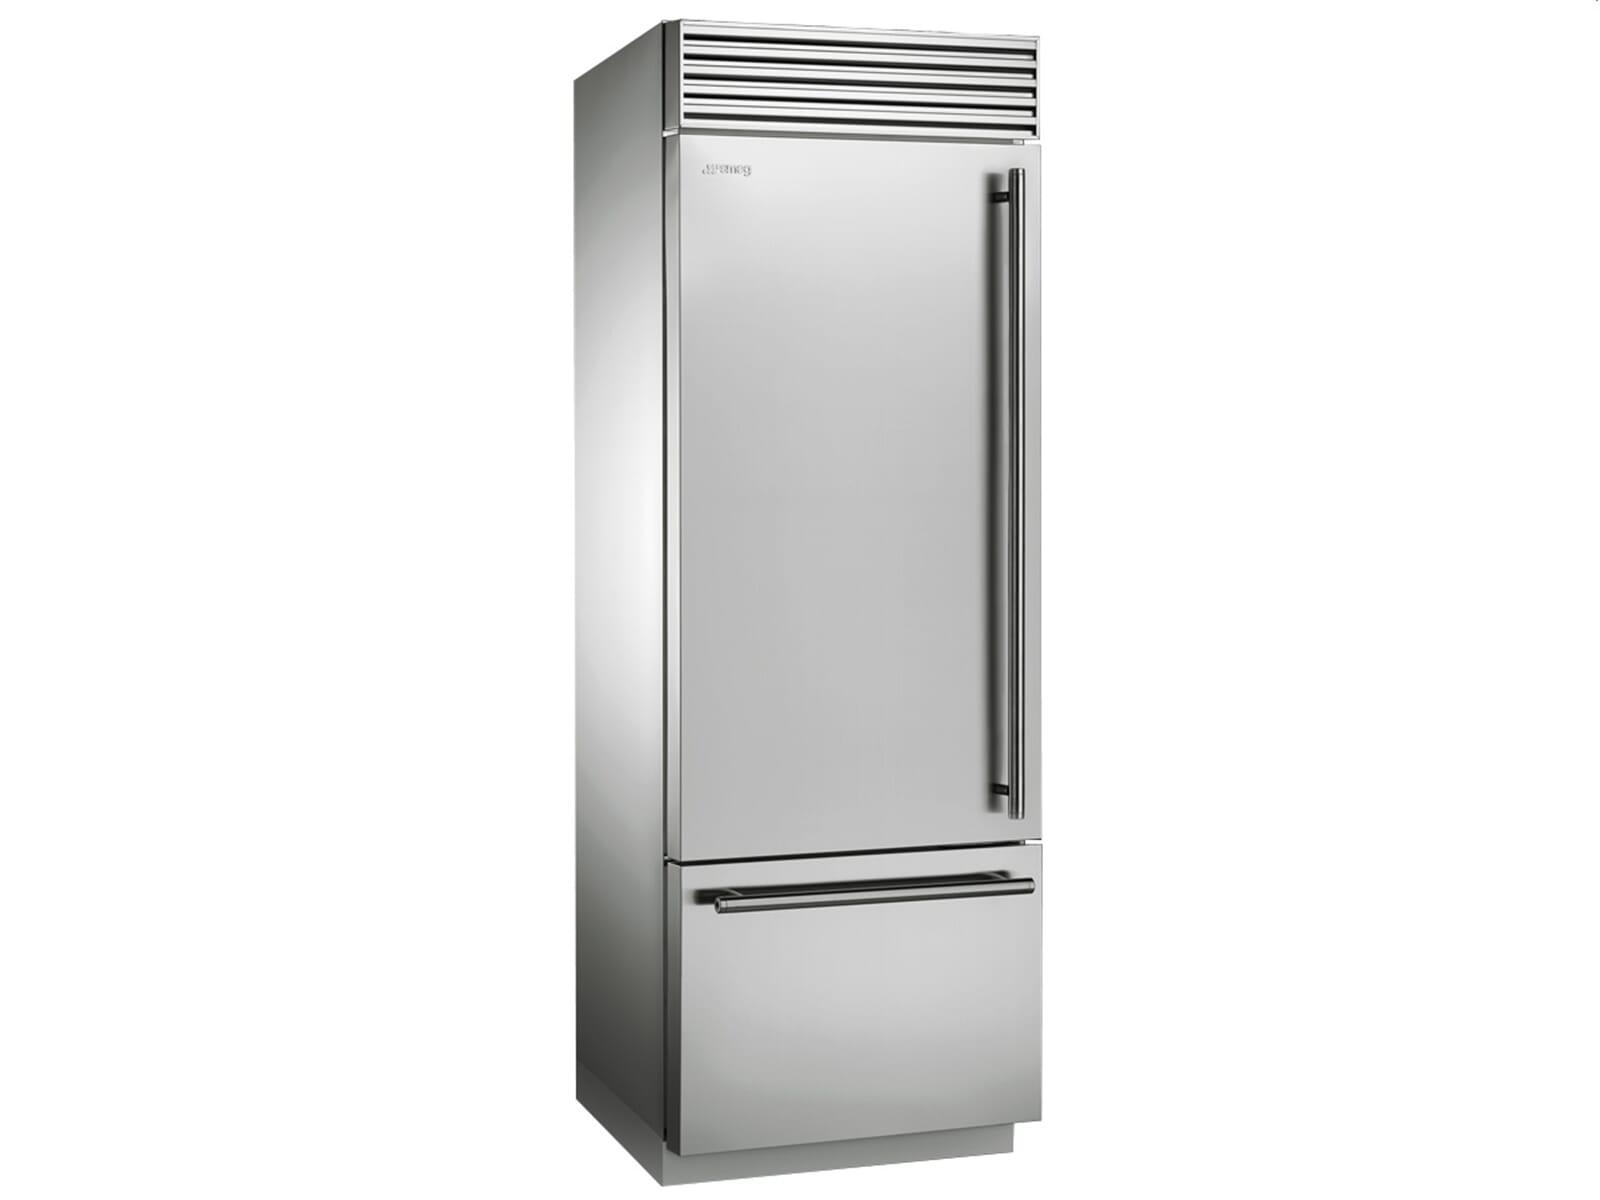 Smeg Kühlschrank Kaufen : Kühlschrank kaufen berlin miniküche kitchenline mkc mit ceran